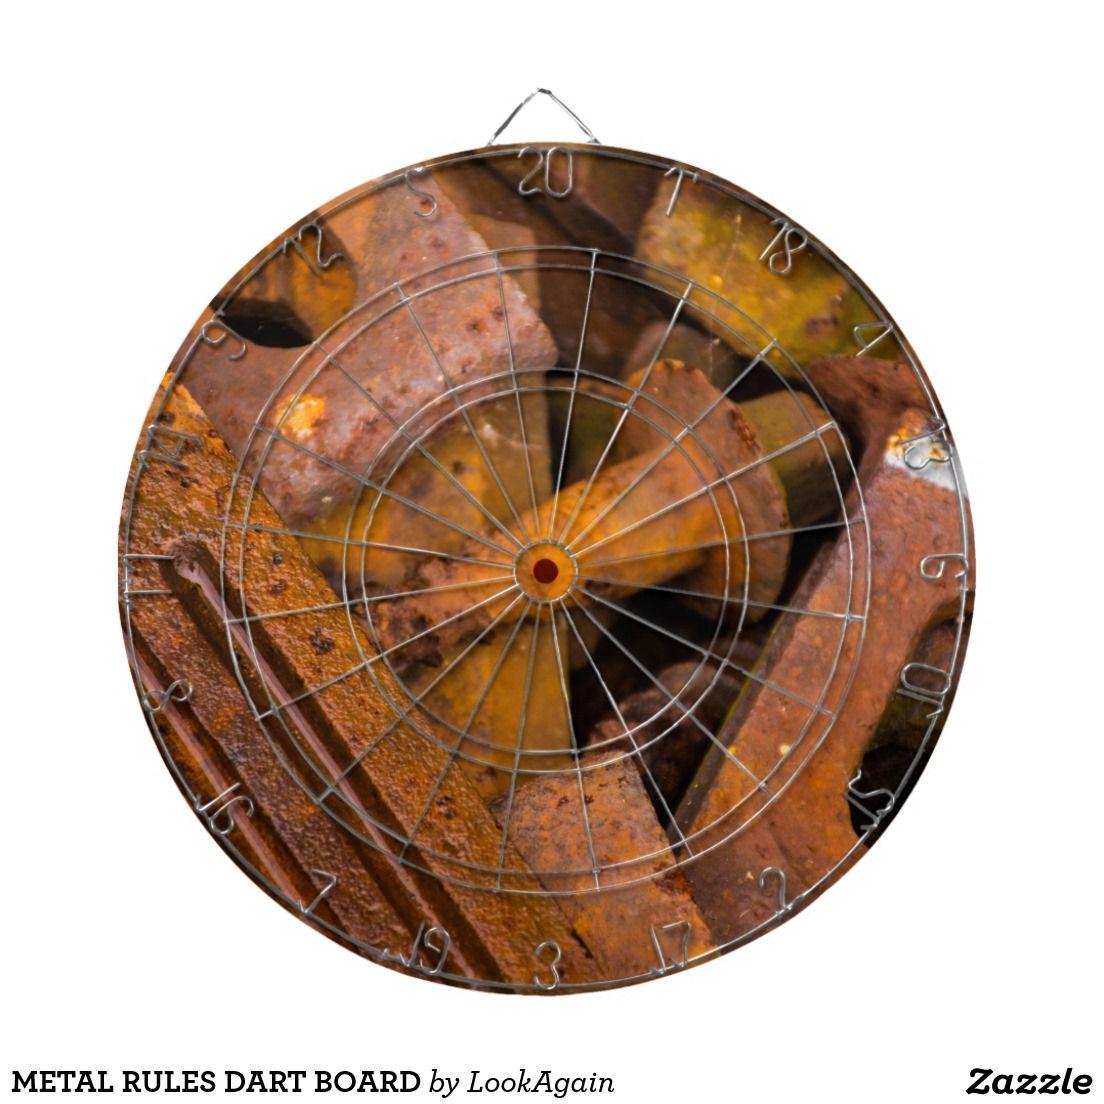 Metal Rules Dart Board Dart Board Darts And Metals